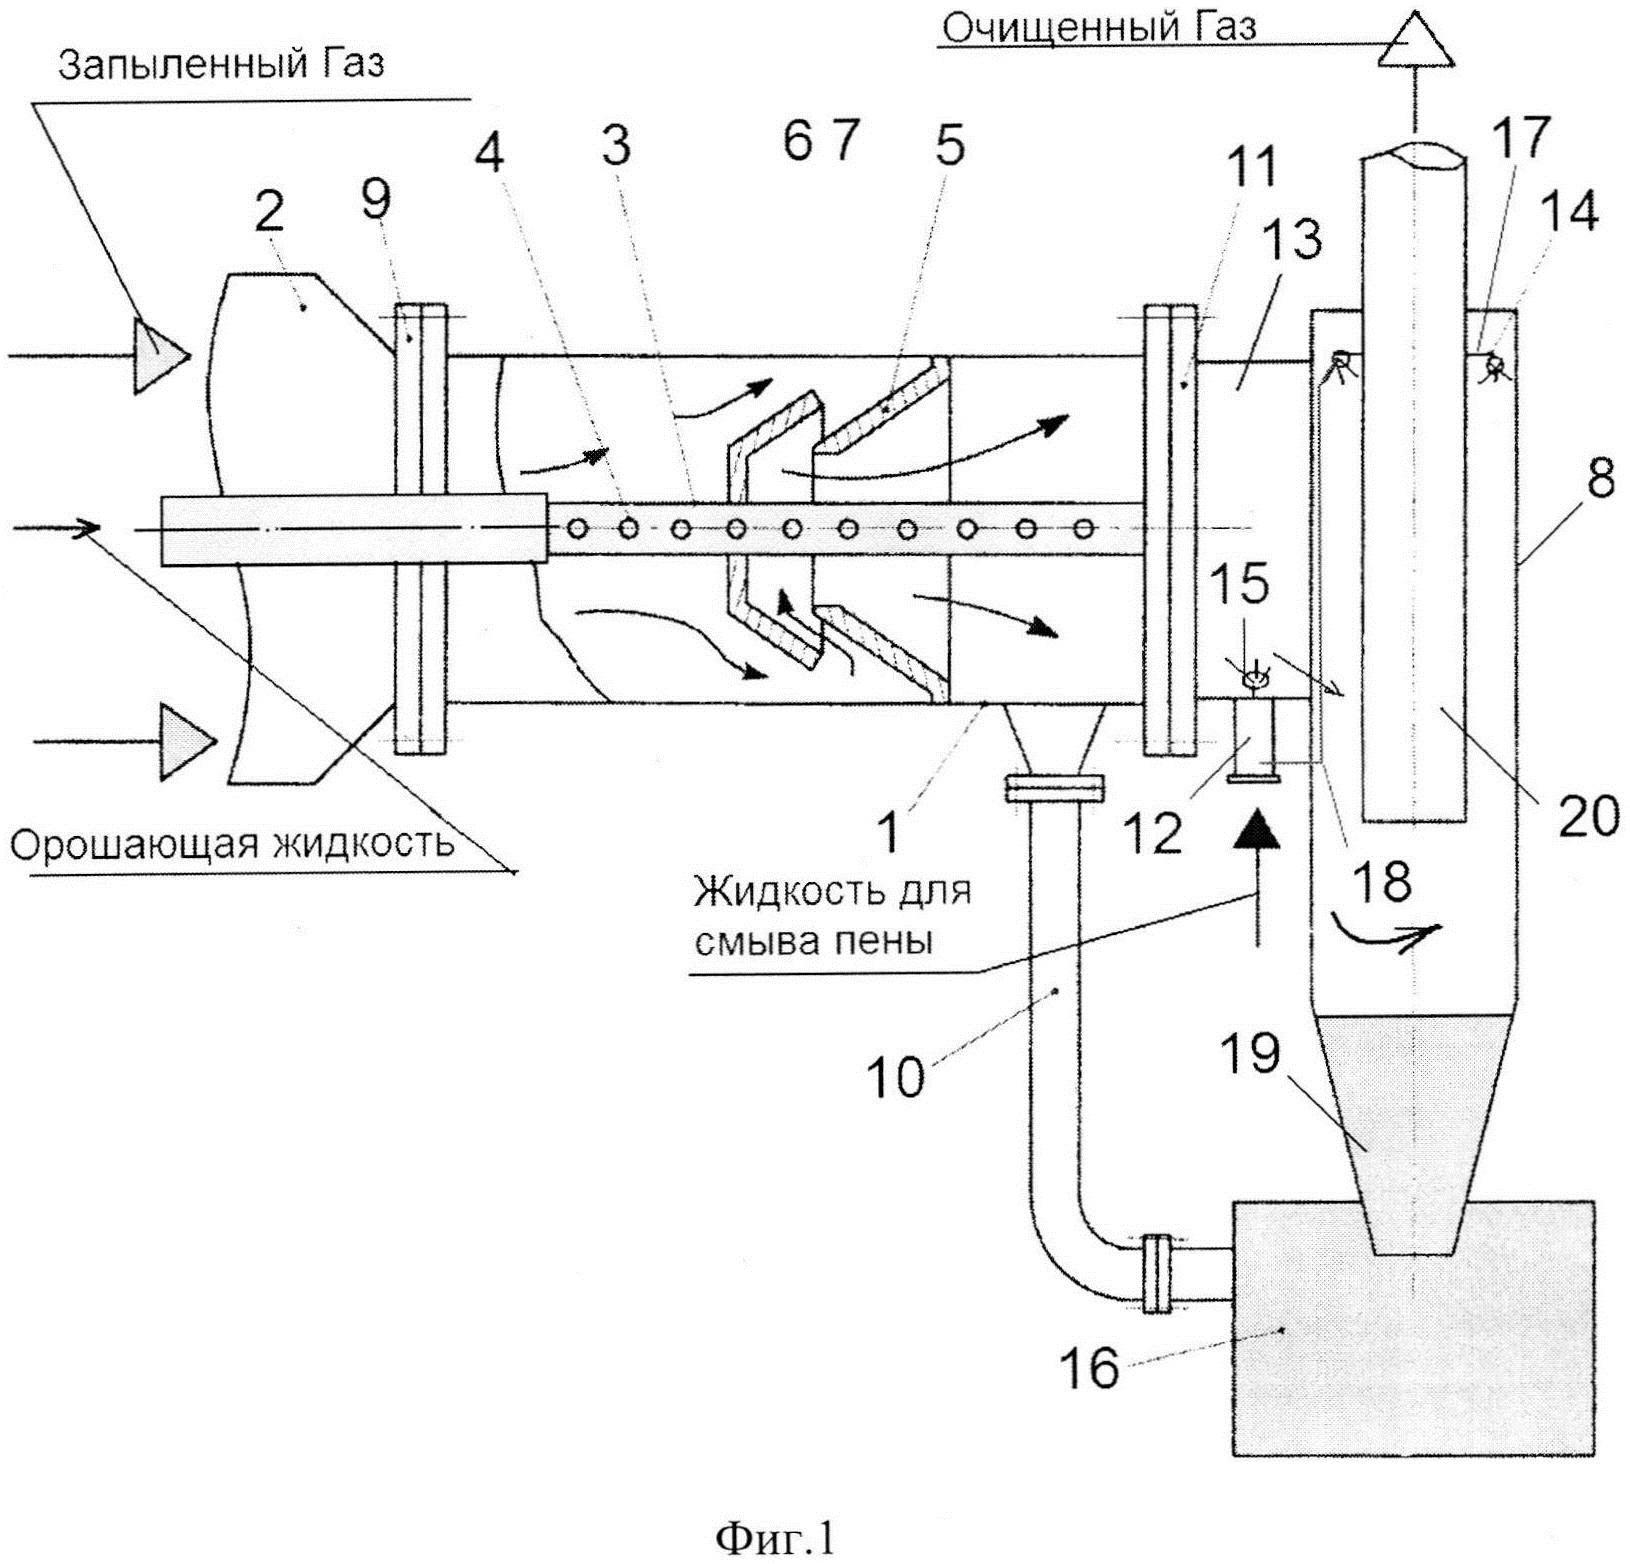 Барботажно-вихревой аппарат с параболическим завихрителем для мокрой очистки газа